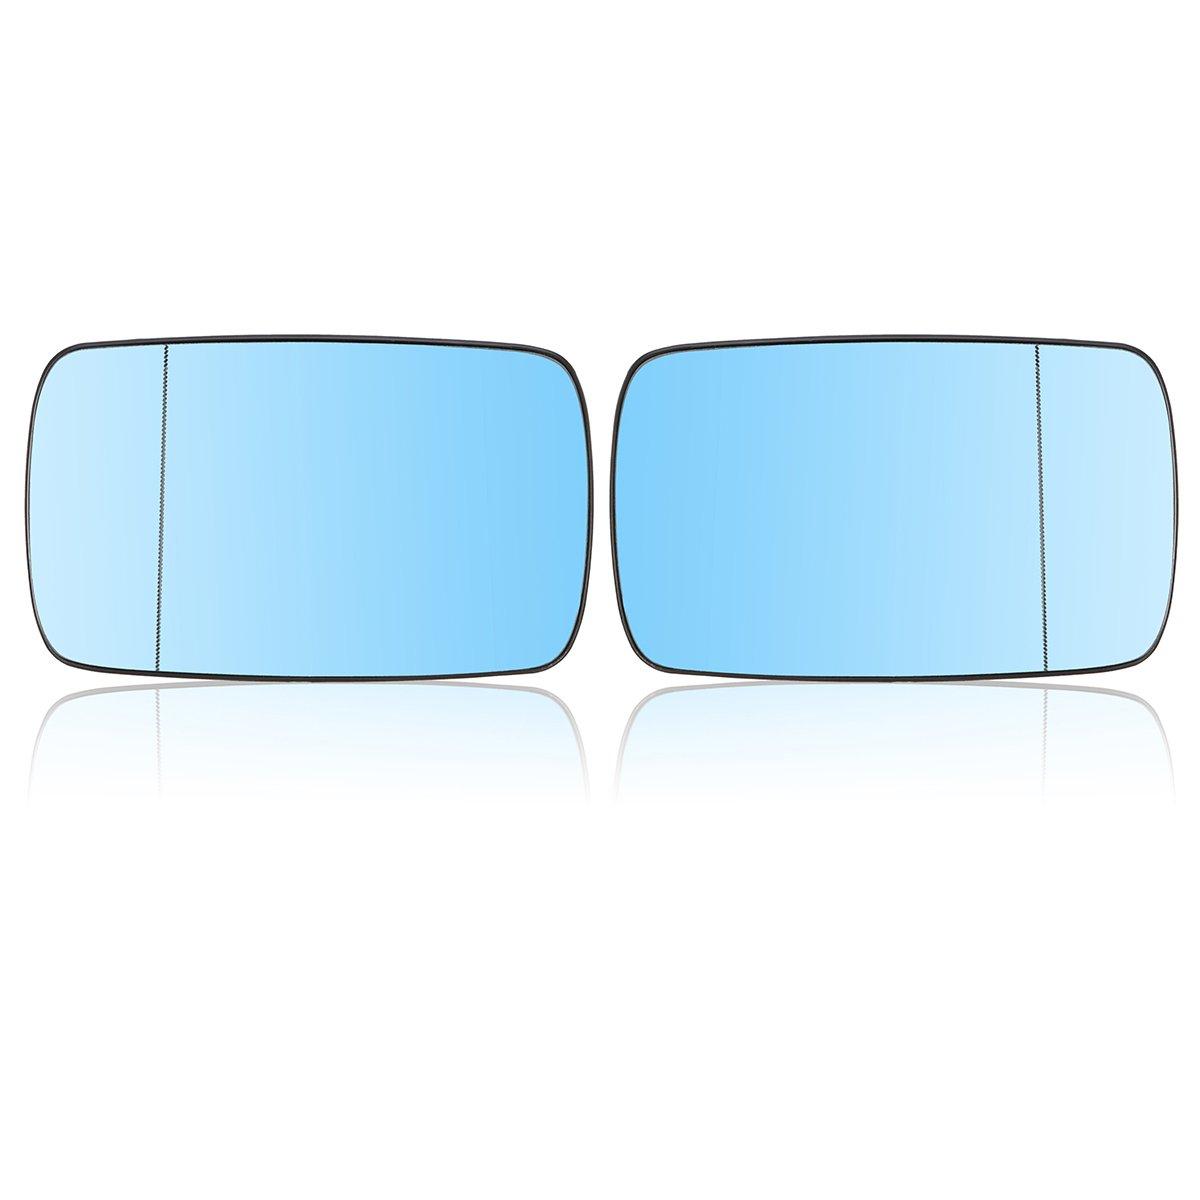 NICOLIE Voiture Gauche Et C/ôt/é Droit Chauff/é Aile Bleu Verre Miroir pour BMW E39 E46 19982005